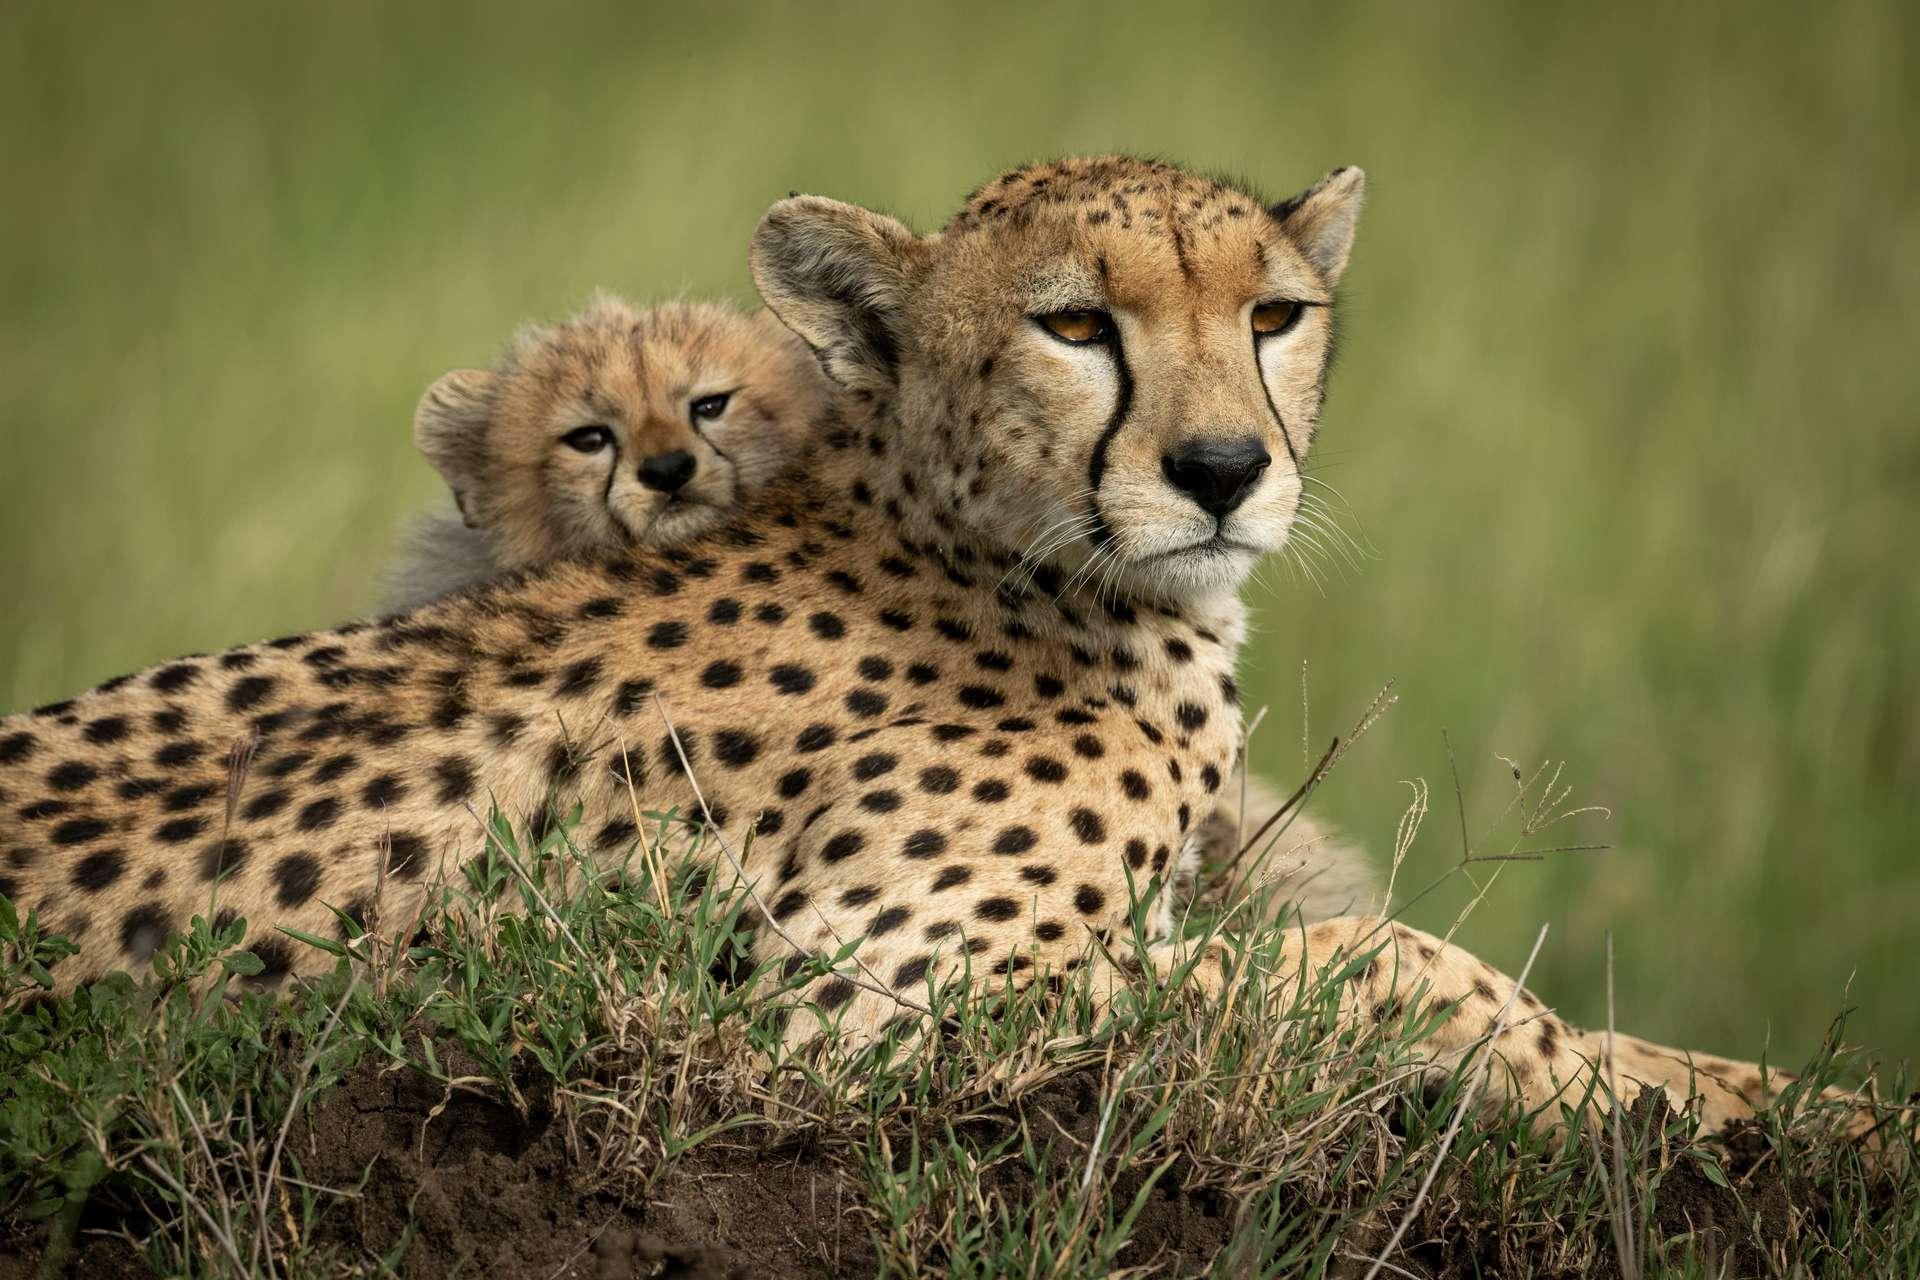 Il resterait moins de 7.000 guépards dans la nature. © Nick Dale, Adobe Stock